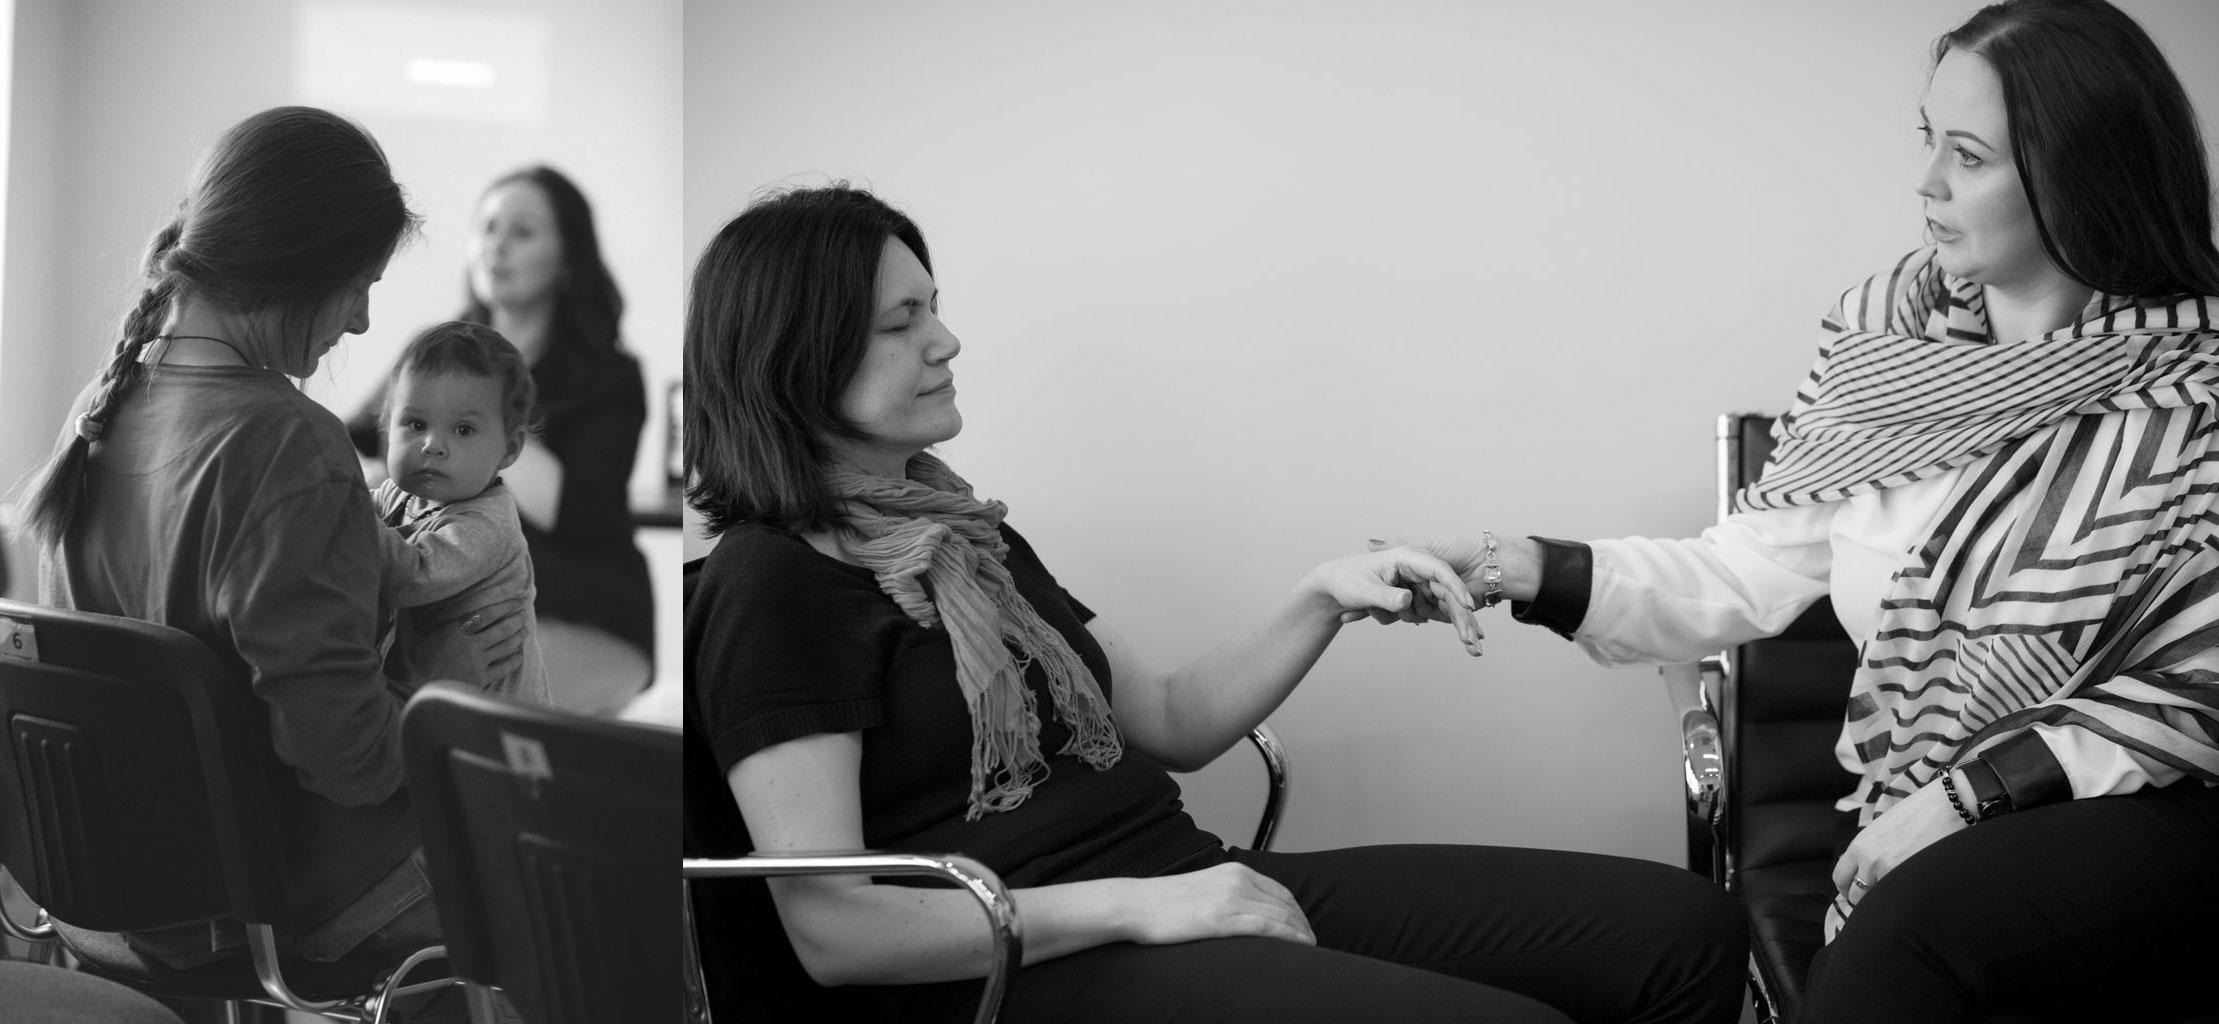 Гипнороды - особенности методик, обучение, техники